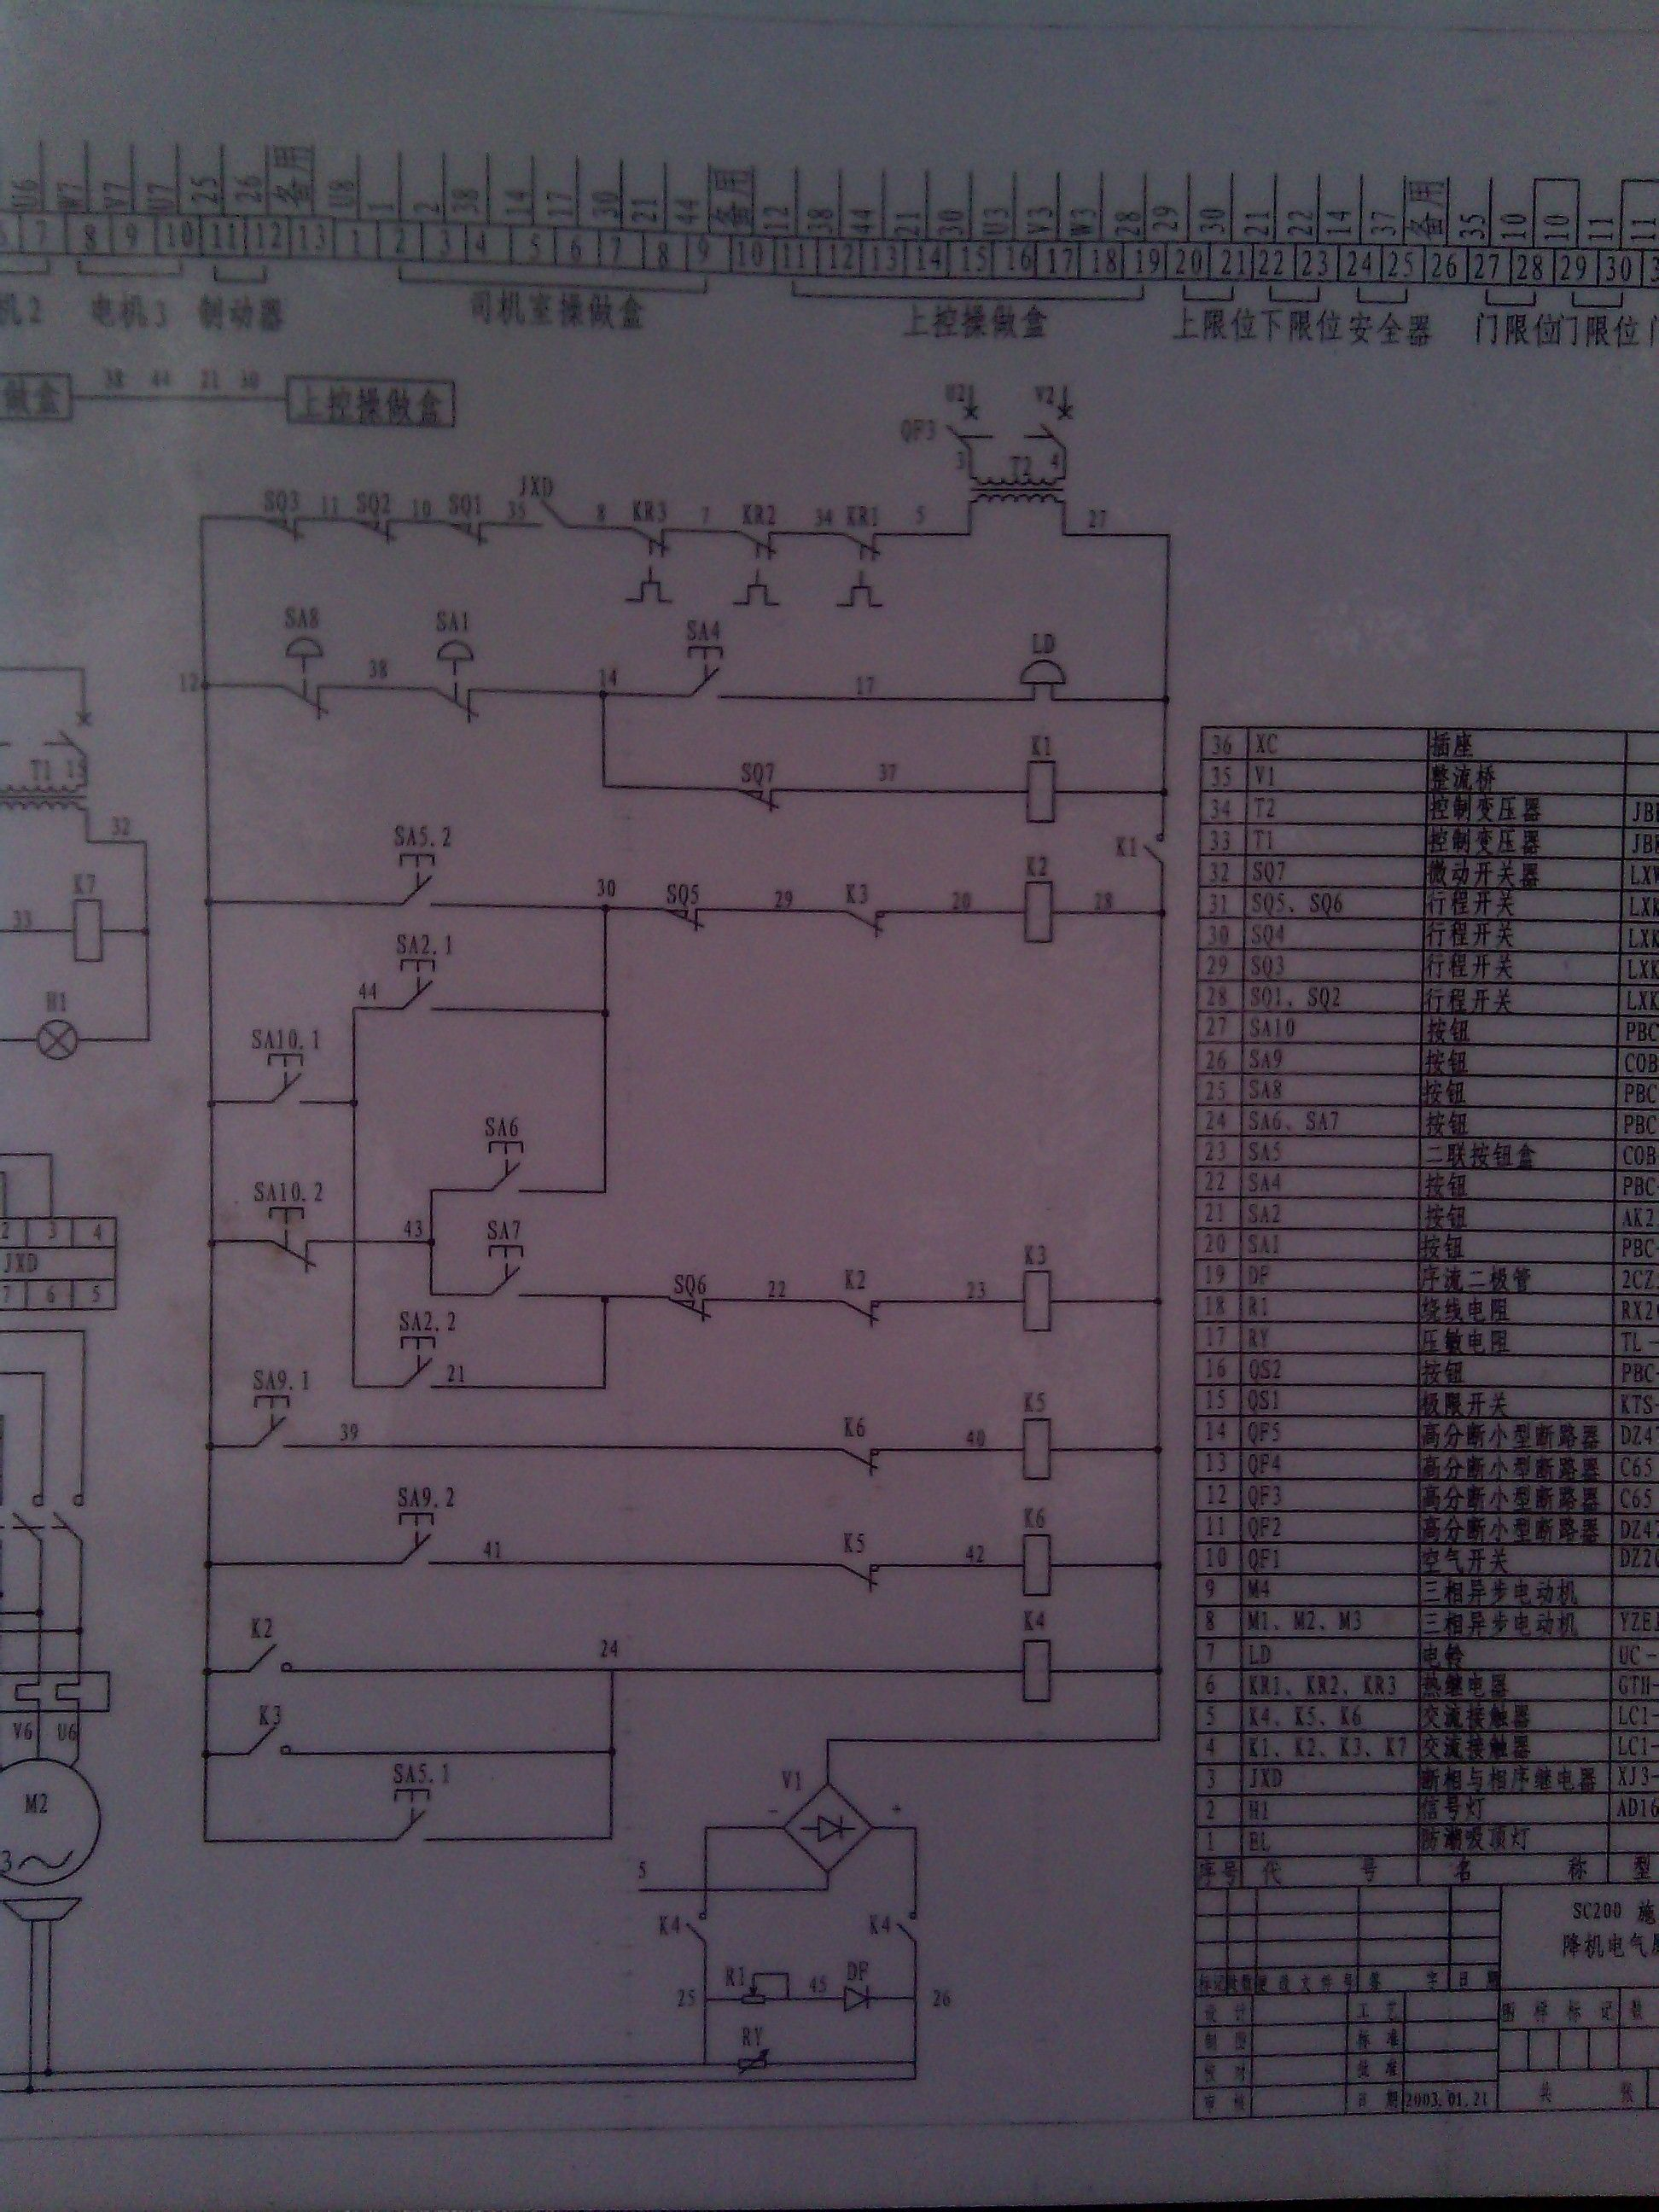 电动机配电柜线路图 有图的能给发个图吧高清图片